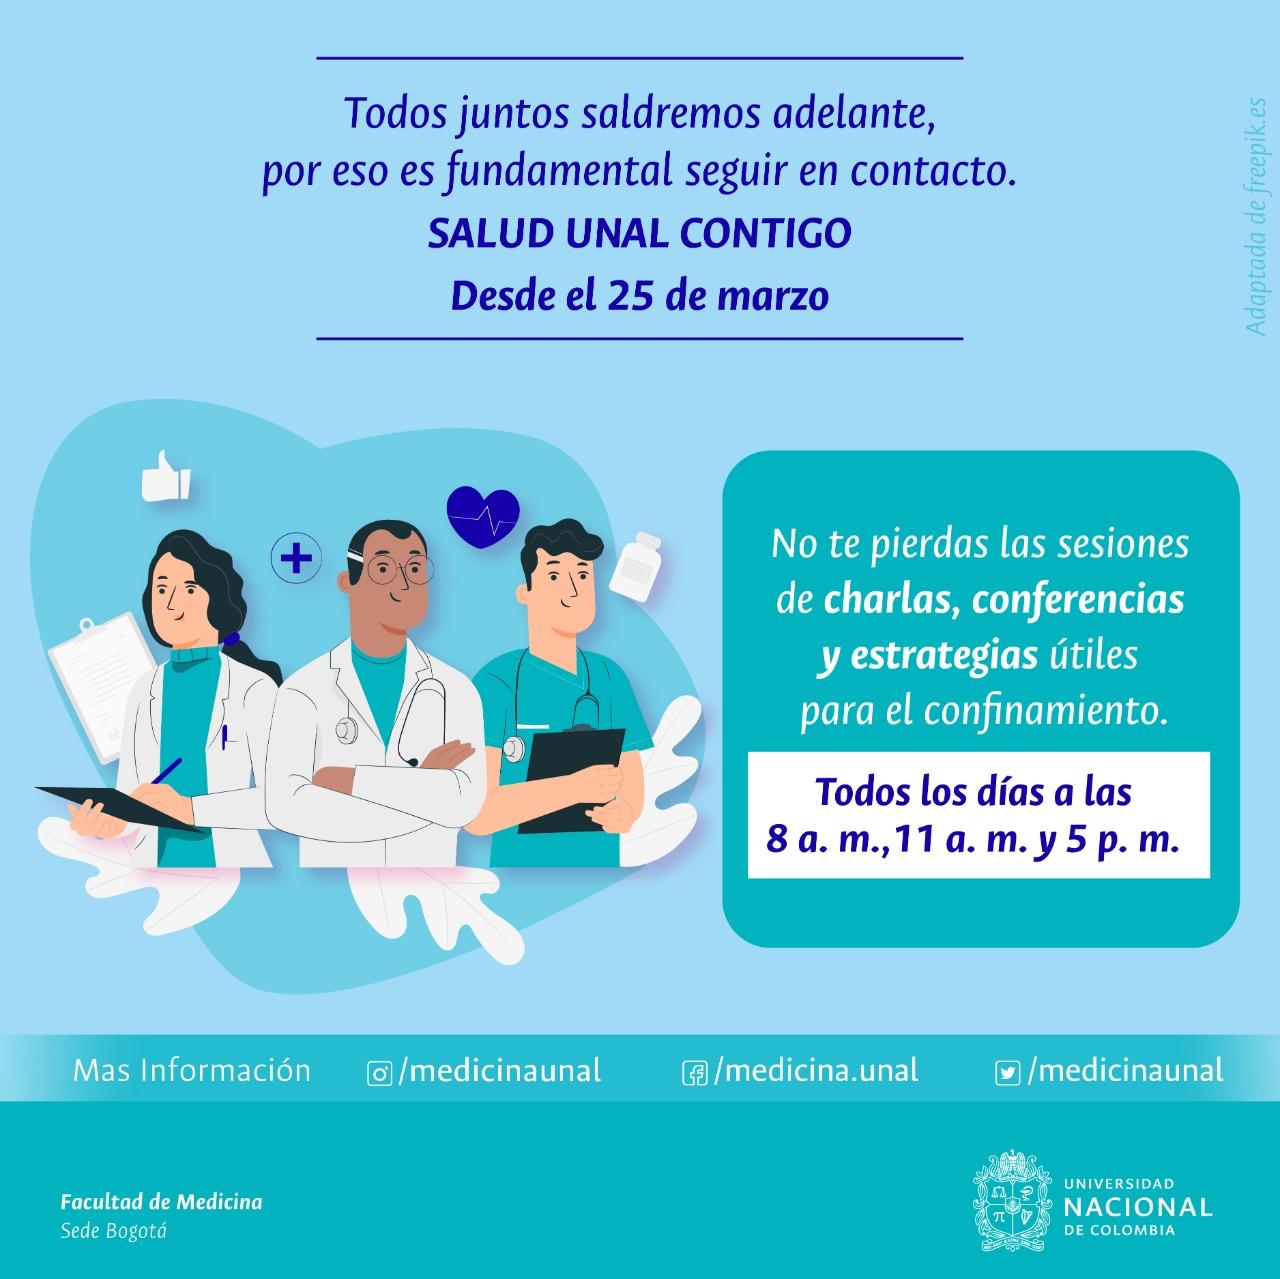 #SaludUNALcontigo